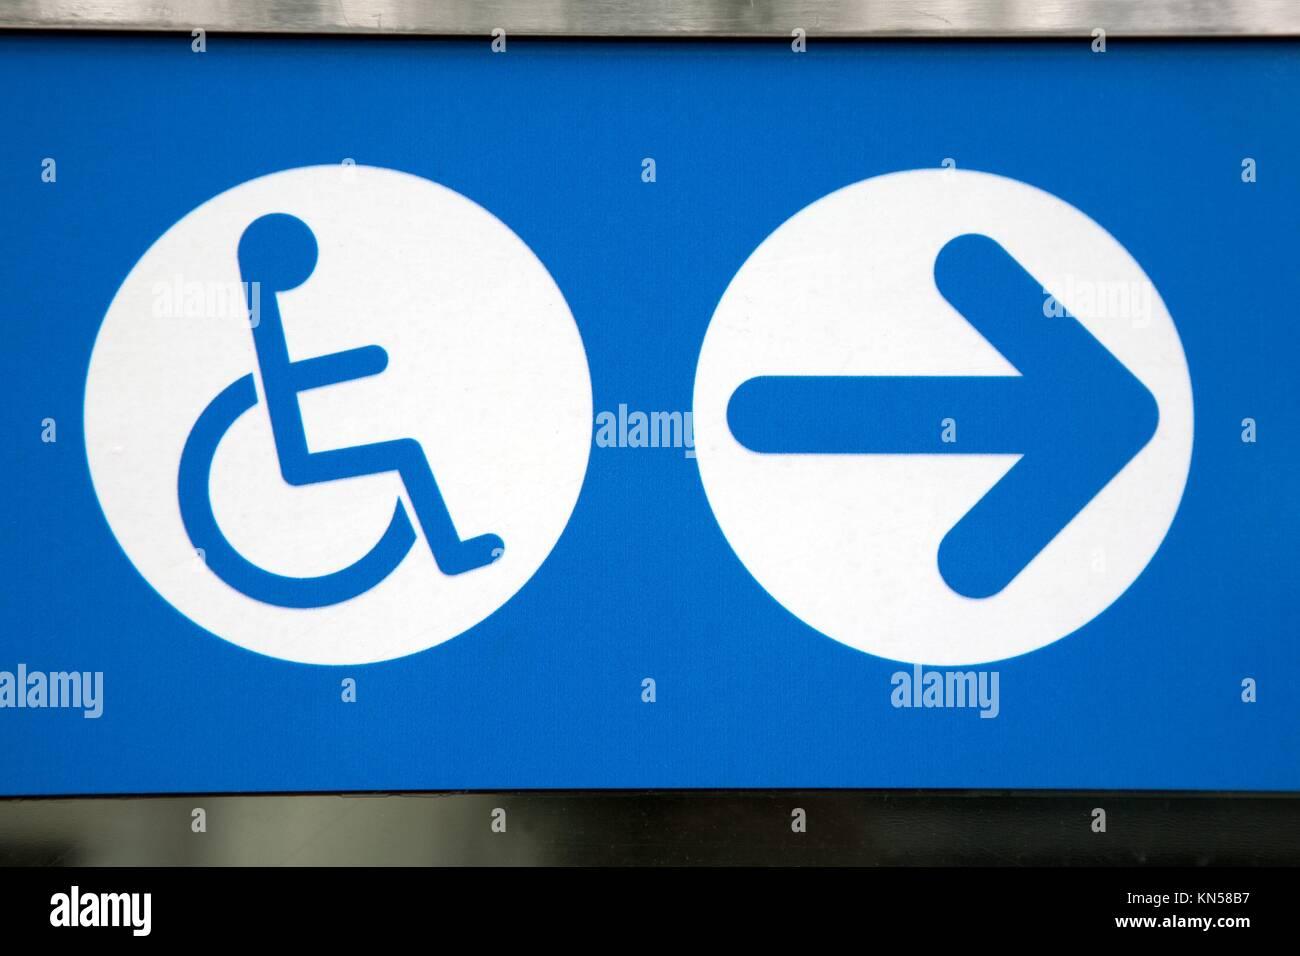 Señal de Discapacitados de color azul y blanco con la dirección de la flecha. Foto de stock